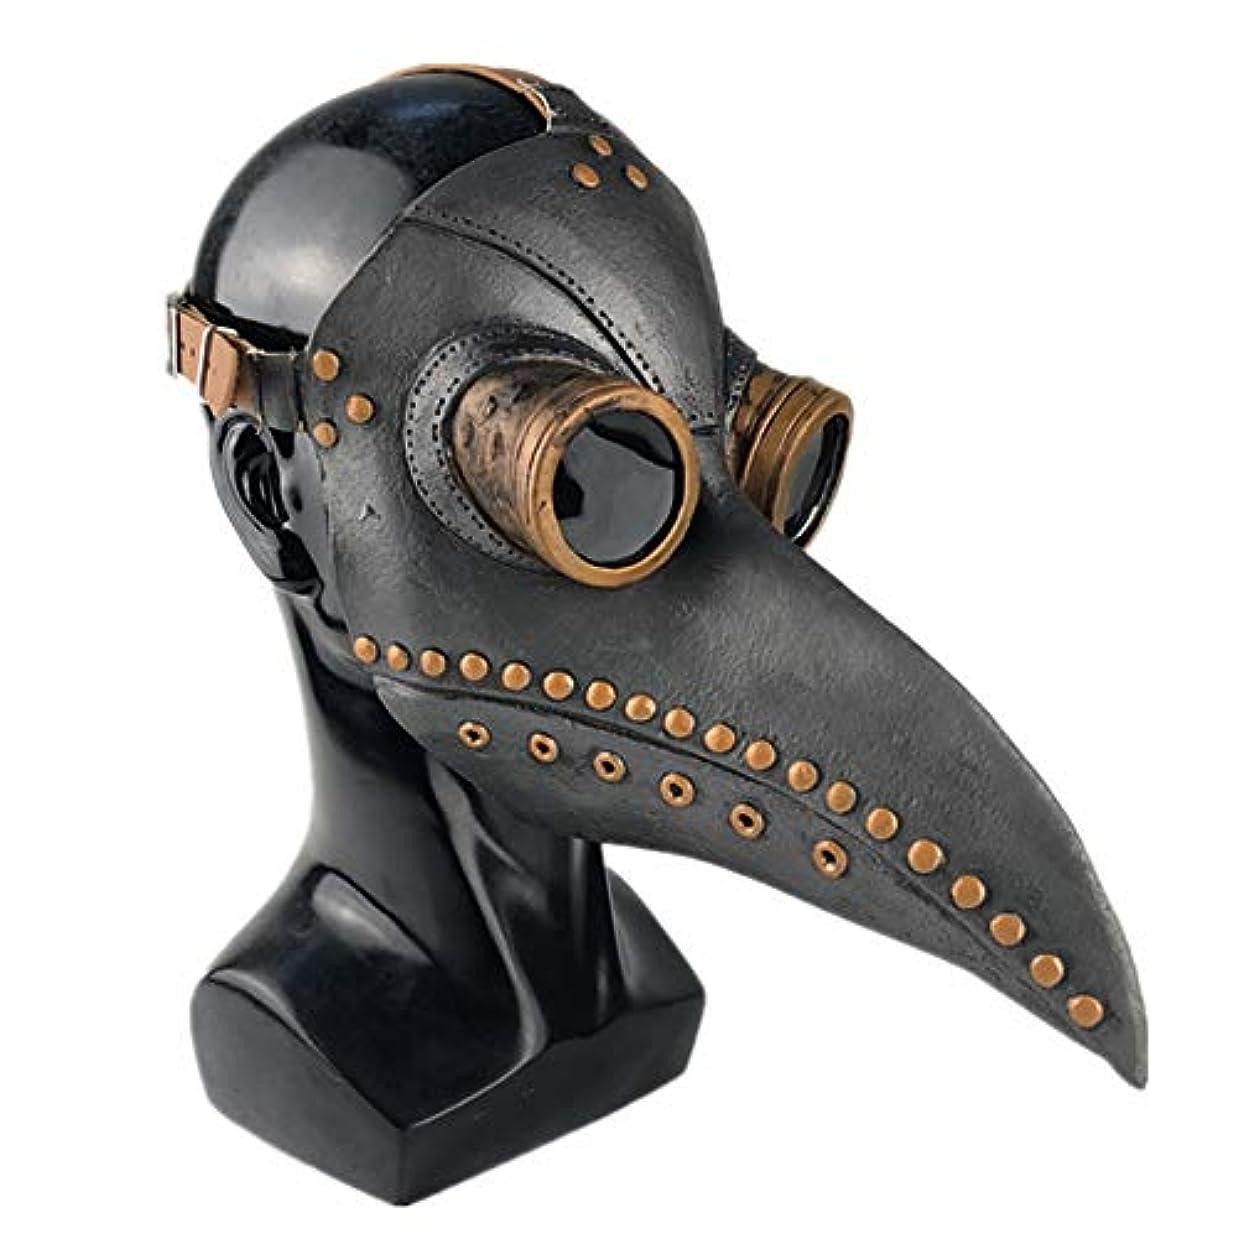 ボード悲しい理論的KISSION ホラーマスク ハロウィンデコレーション 通気性 ペストスチーム喙ドクターマスク 仮面舞踏会喙ドクターマスク 小道具 黒 銅の爪